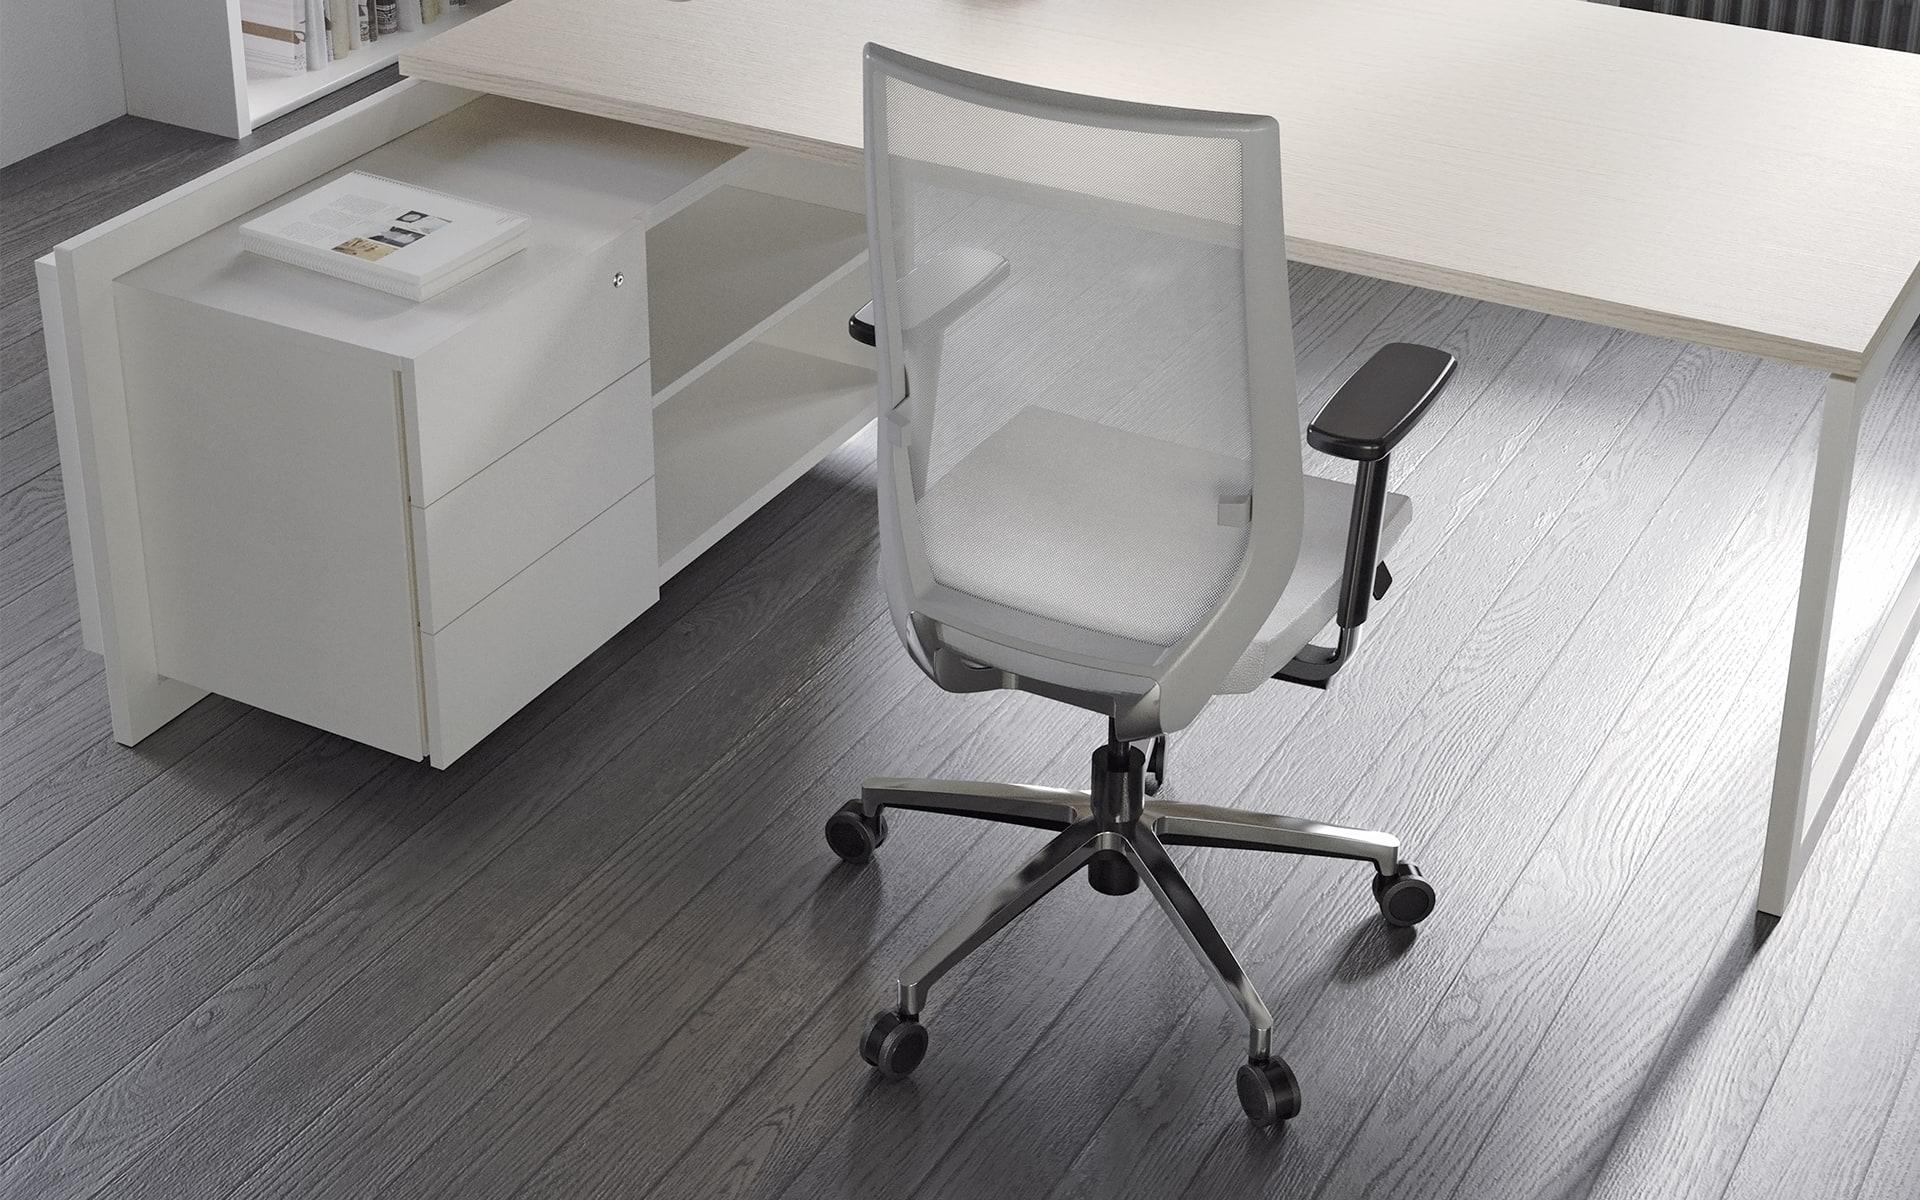 Weisser Forma 5 Eben Bürostuhl von ITO Design an minimalistischem Schreibtisch